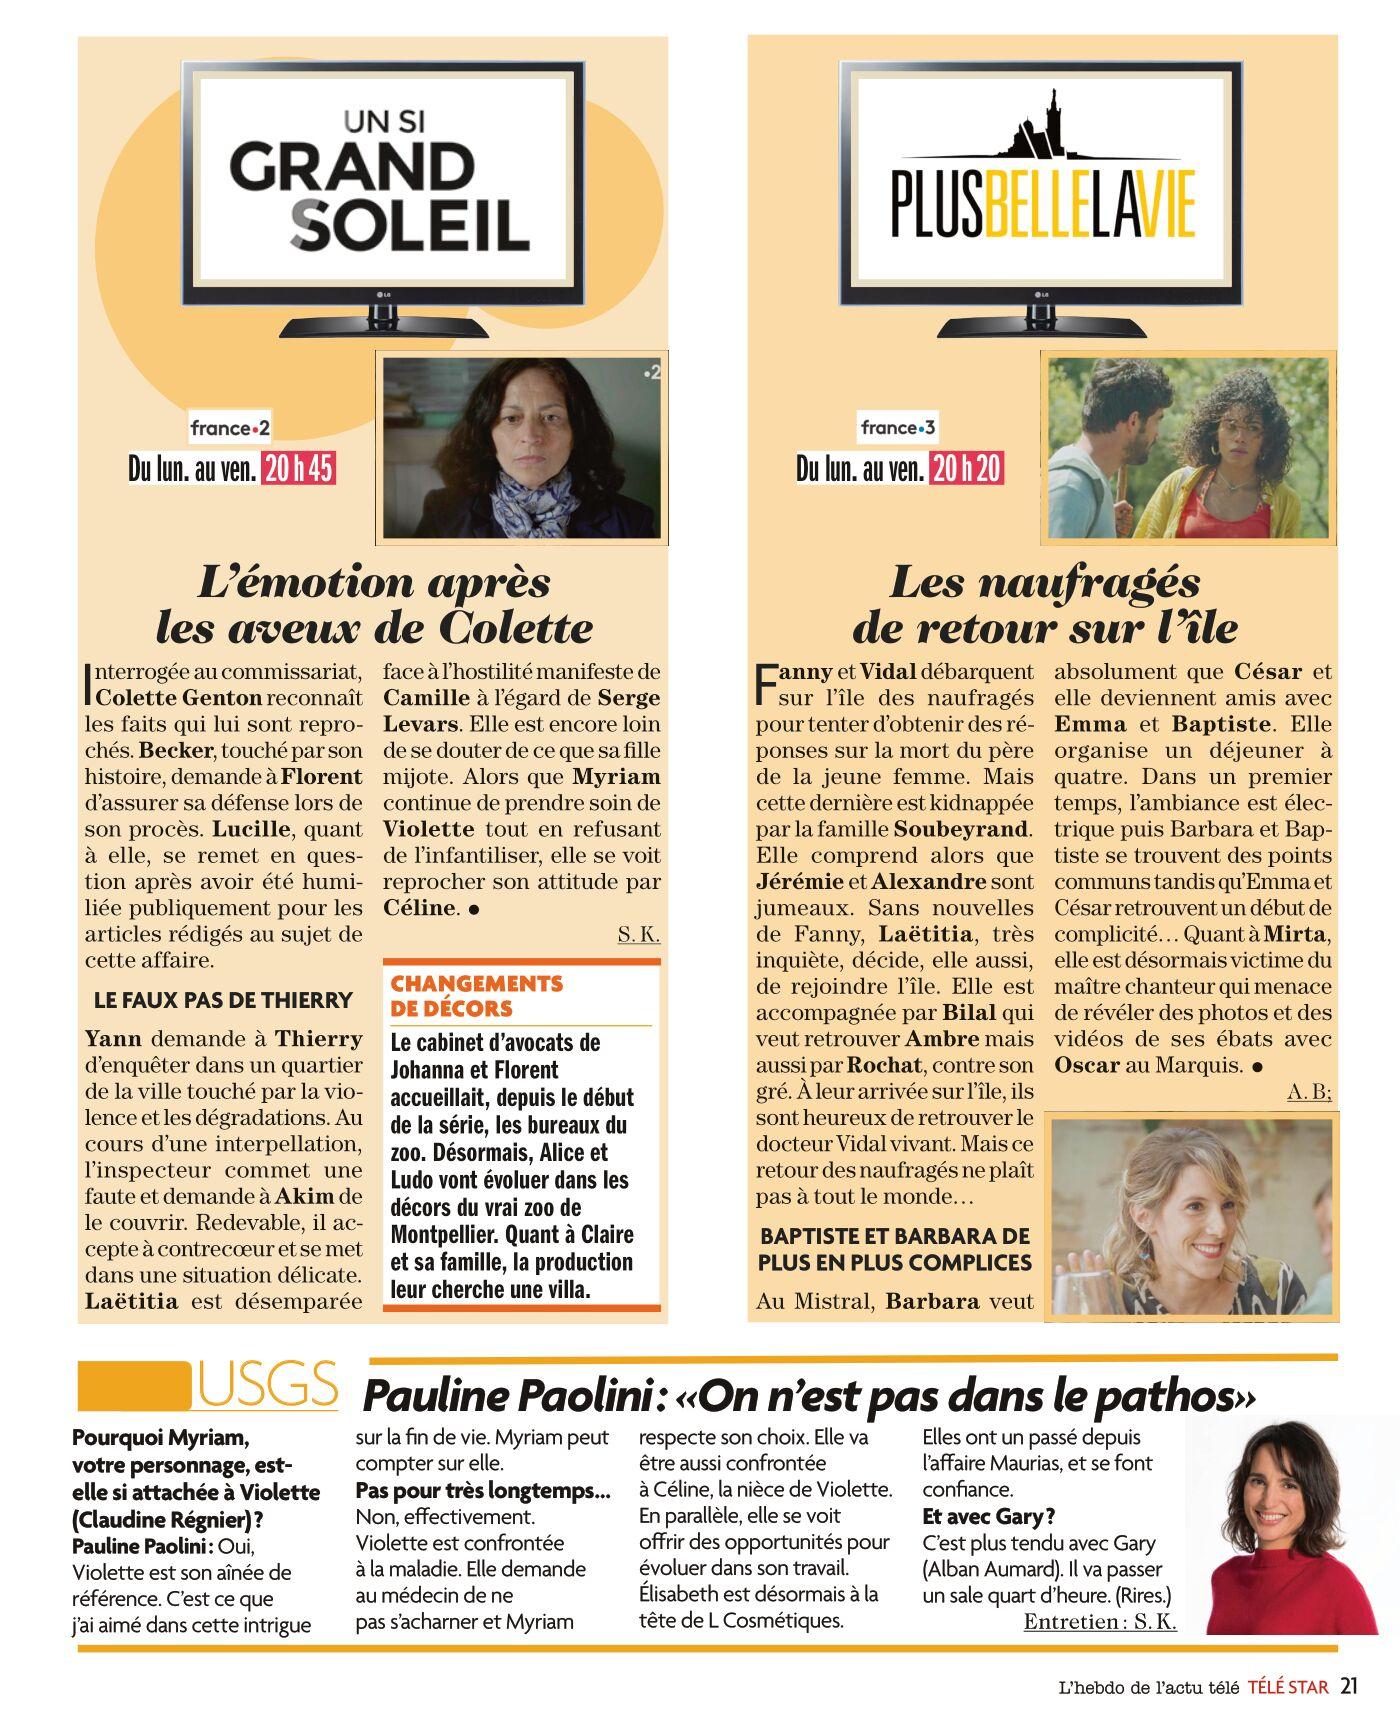 Rubrique PRESSE ! - Page 18 Telest76